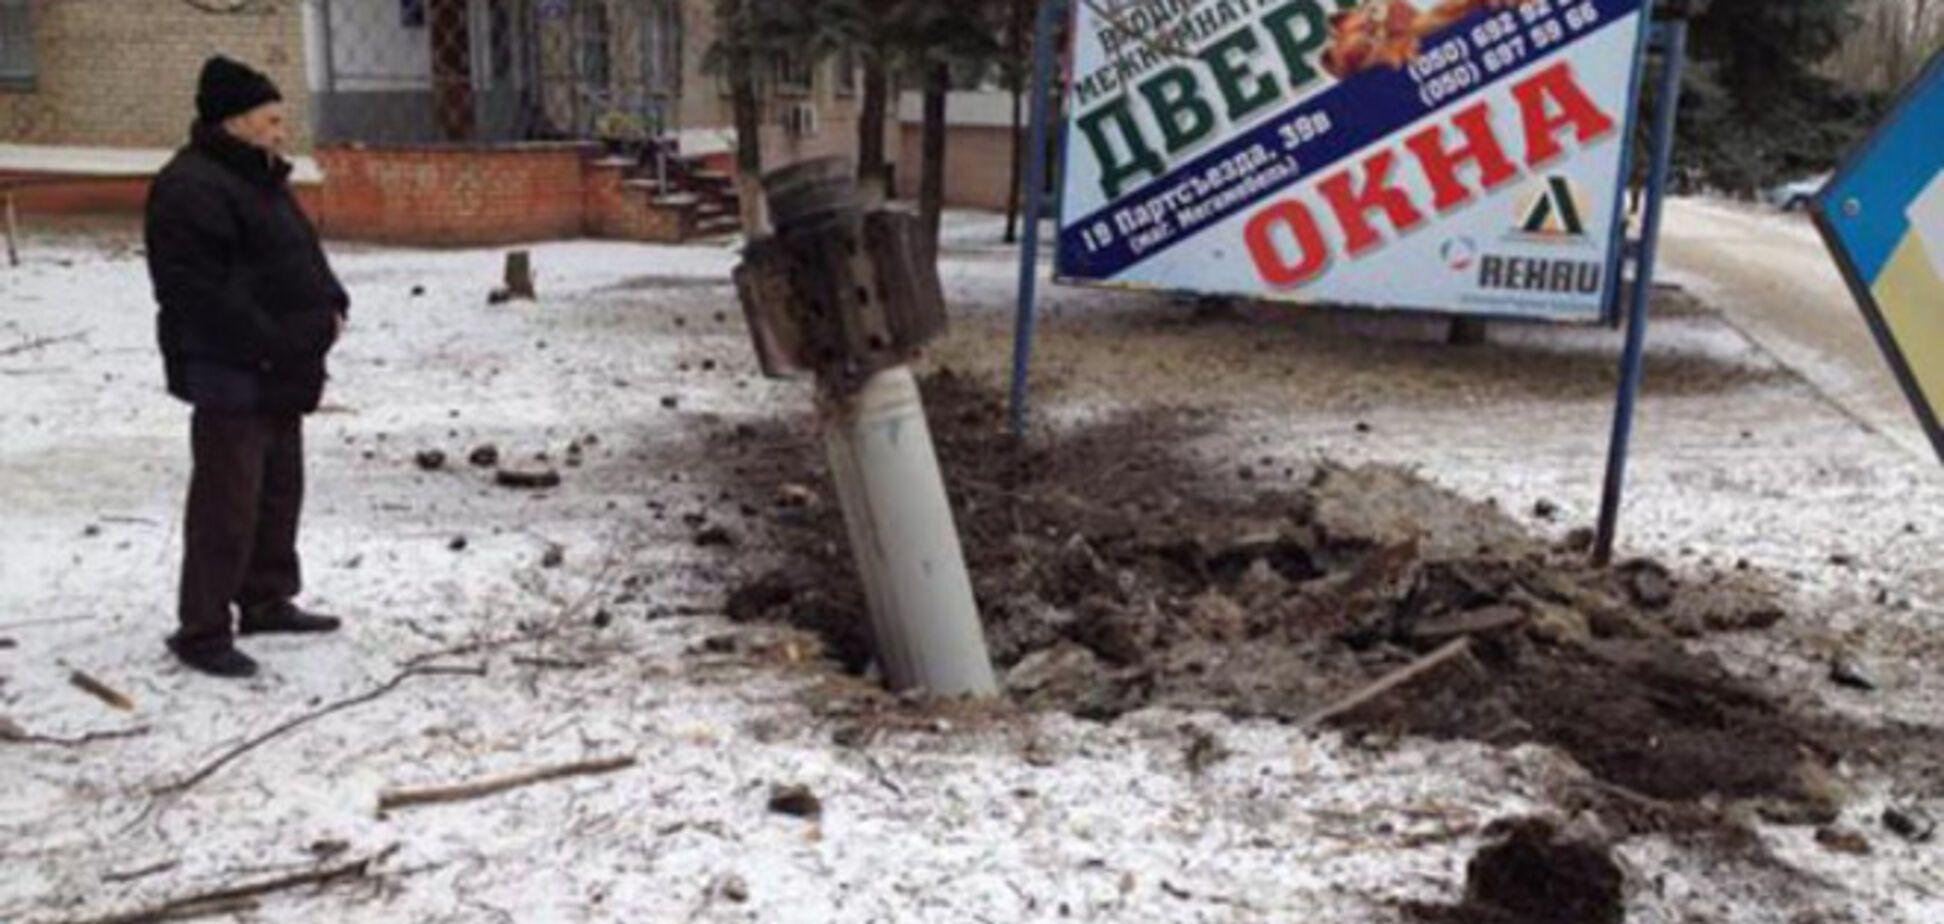 Під час обстрілу Краматорська загинуло 7 і поранено більше 50 осіб, серед них п'ятеро дітей